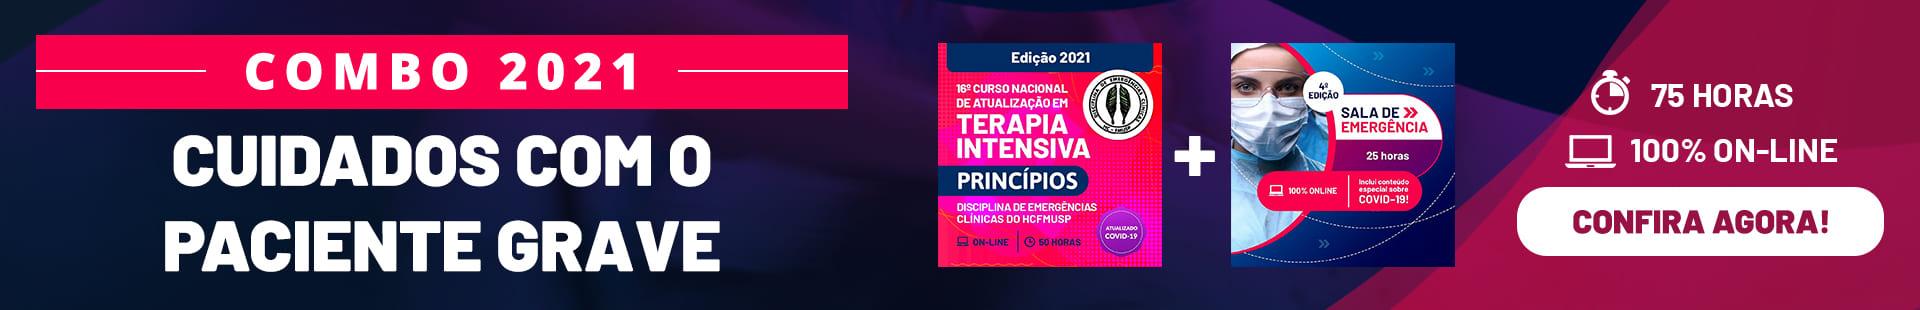 COMBO 2021 CUIDADOS COM O PACIENTE GRAVE